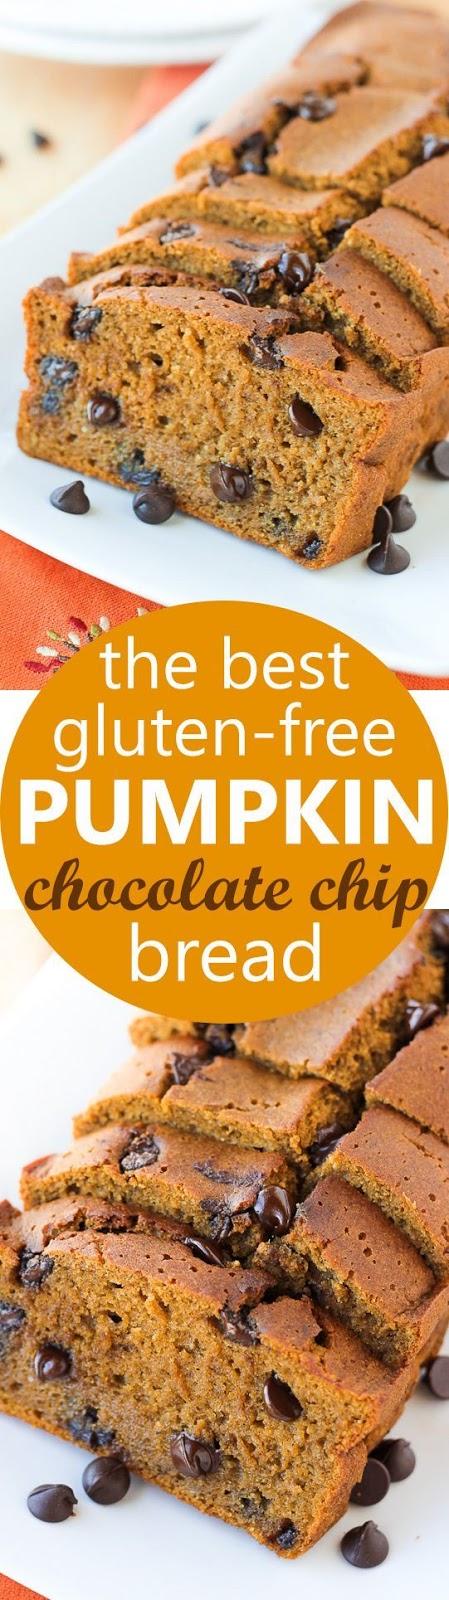 the best gluten-free pumpkin chocolate chip bread